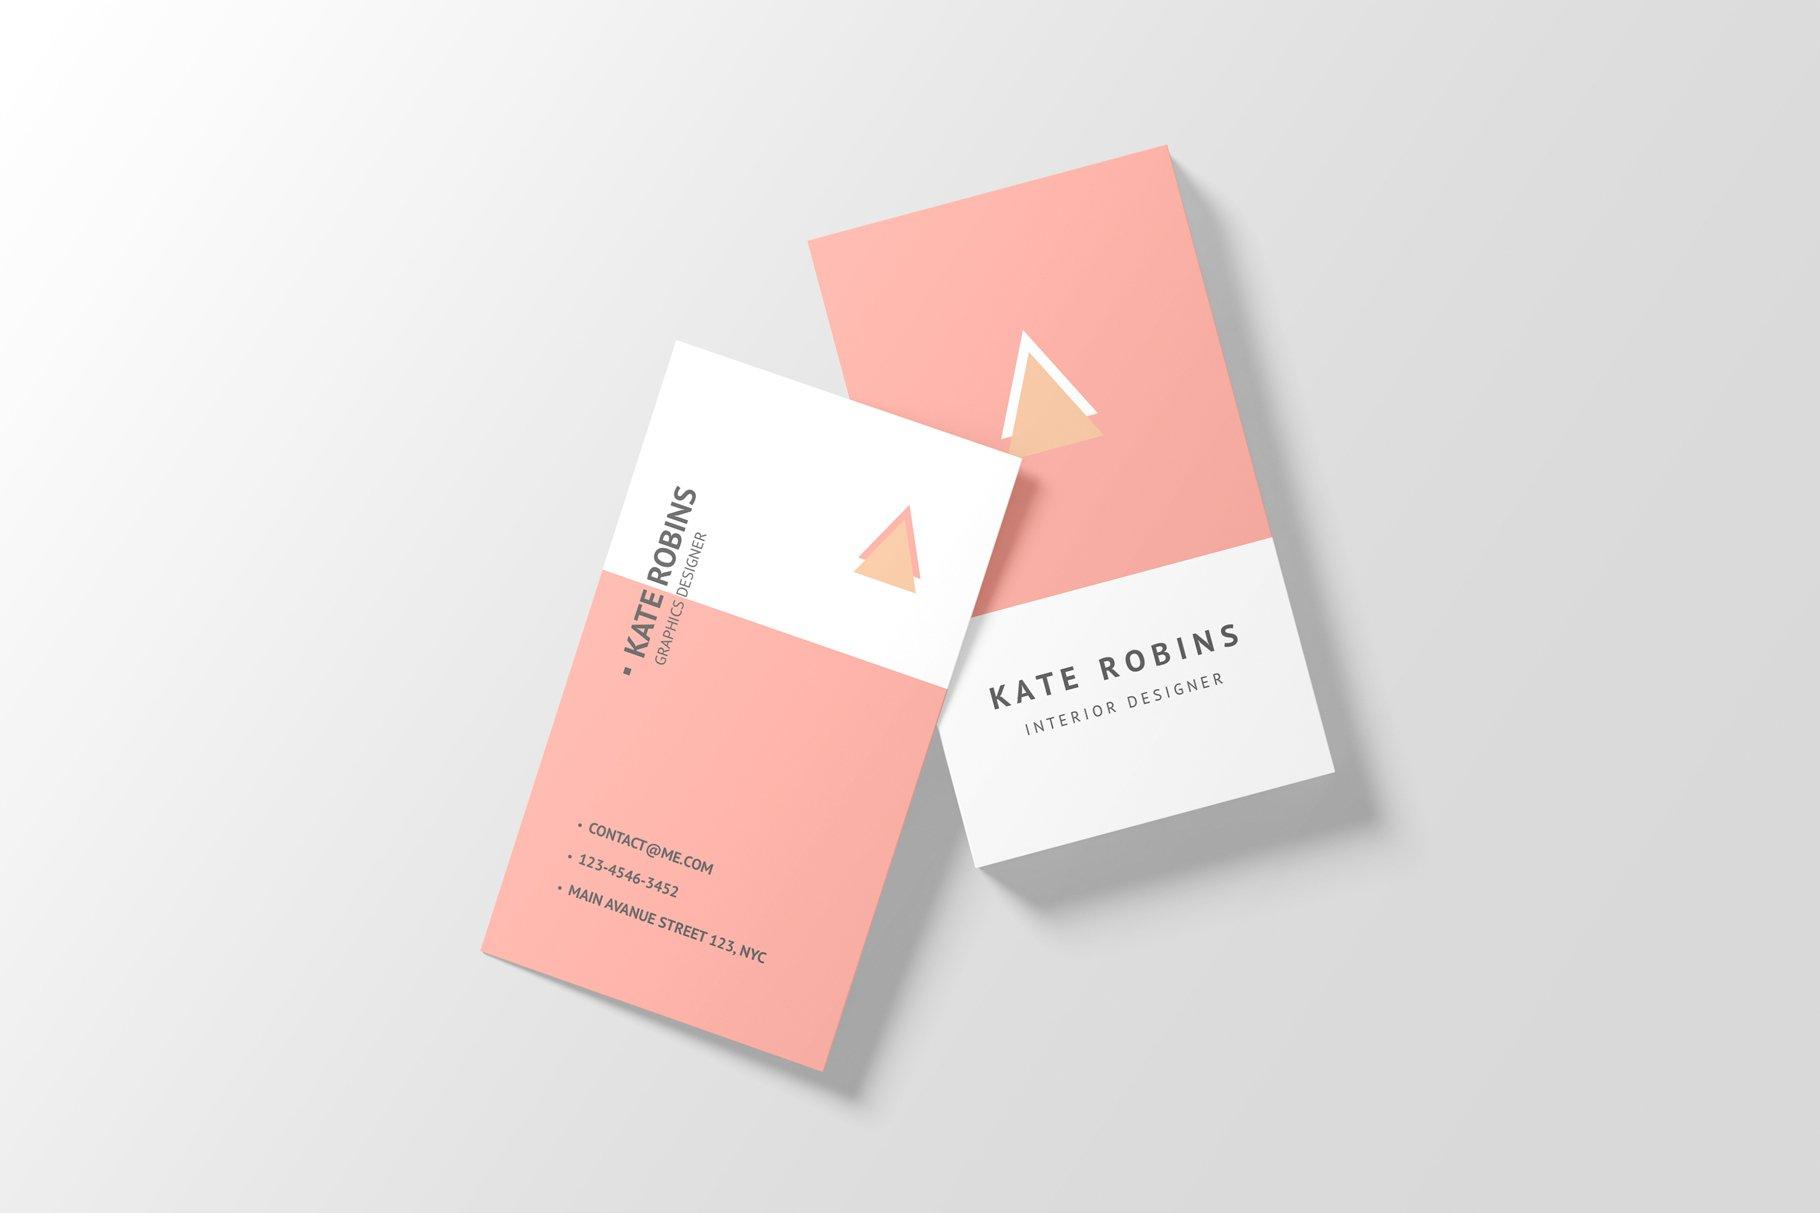 14款商务个人名片卡片设计展示样机 Portrait Business Card Mockup插图(14)